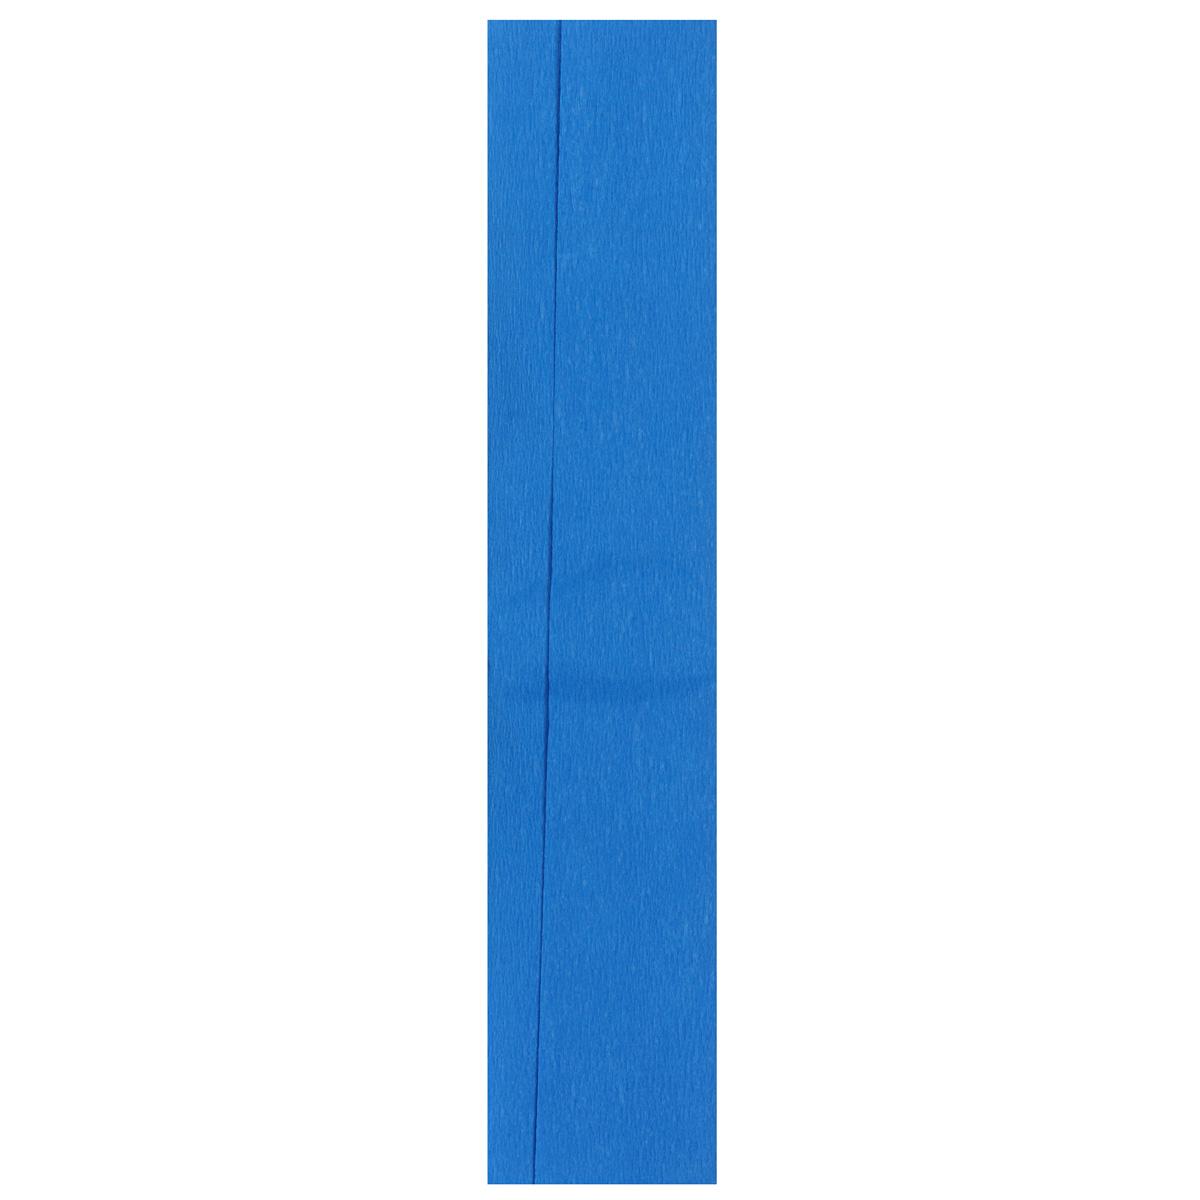 Бумага креповая Folia, цвет: синий (28), 50 см x 2,5 м7704392_28Бумага креповая Folia - прекрасный материал для декорирования, украшения интерьера, изготовления искусственных цветов, эффектной упаковки и различных поделок. Бумага прекрасно держит форму, отлично крепится и замечательно подходит для изготовления праздничной упаковки для цветов.